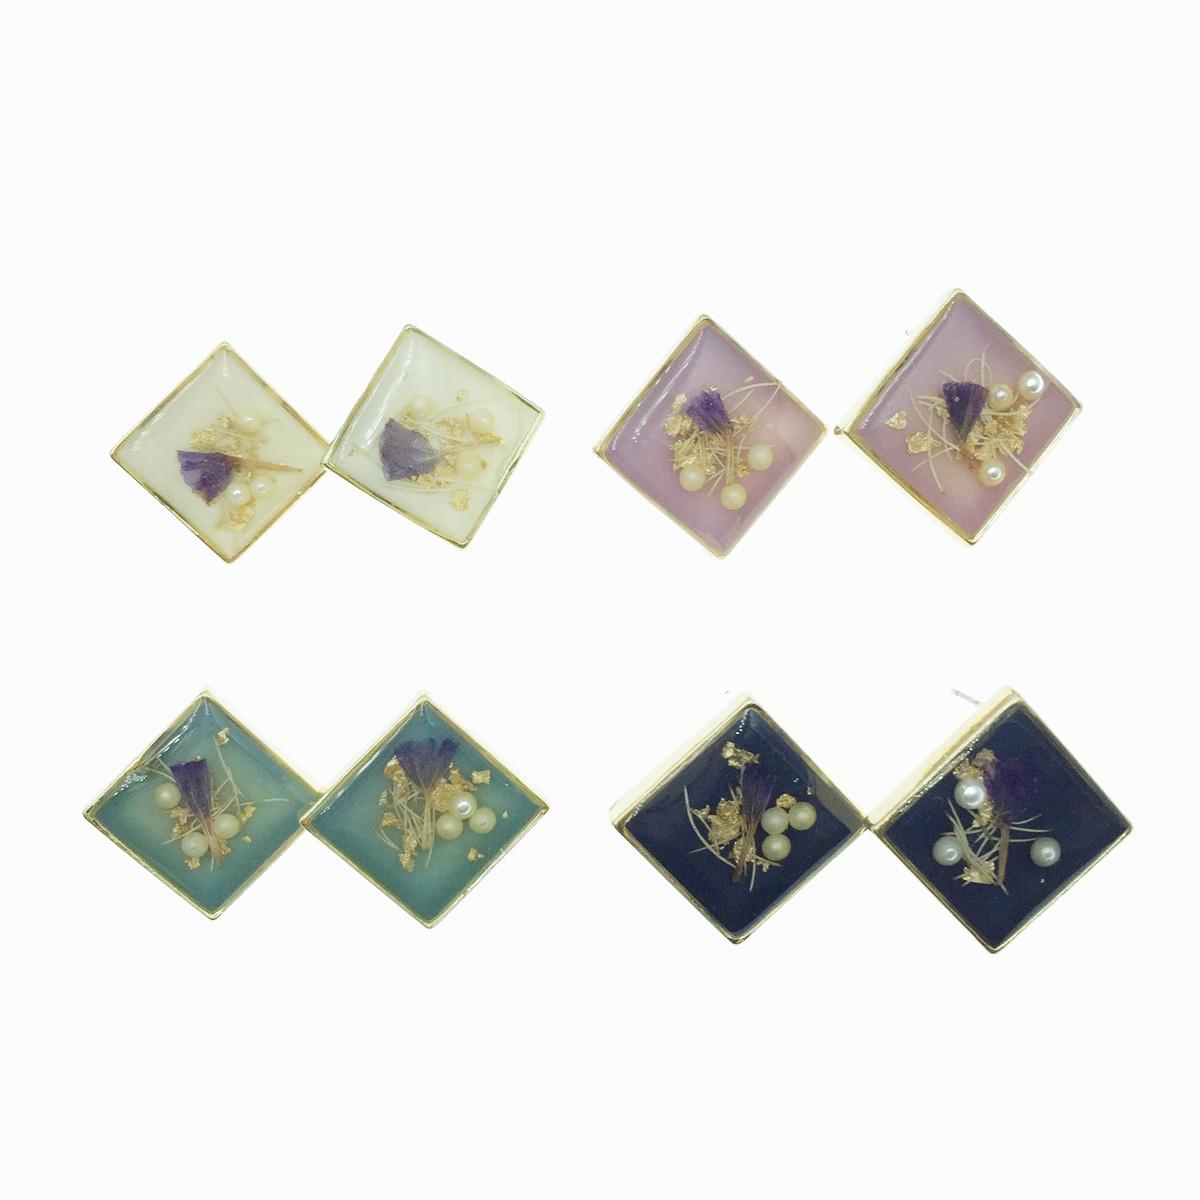 韓國 菱形金邊 乾燥花 透明夾層 壓花 珍珠 4色 耳針式耳環